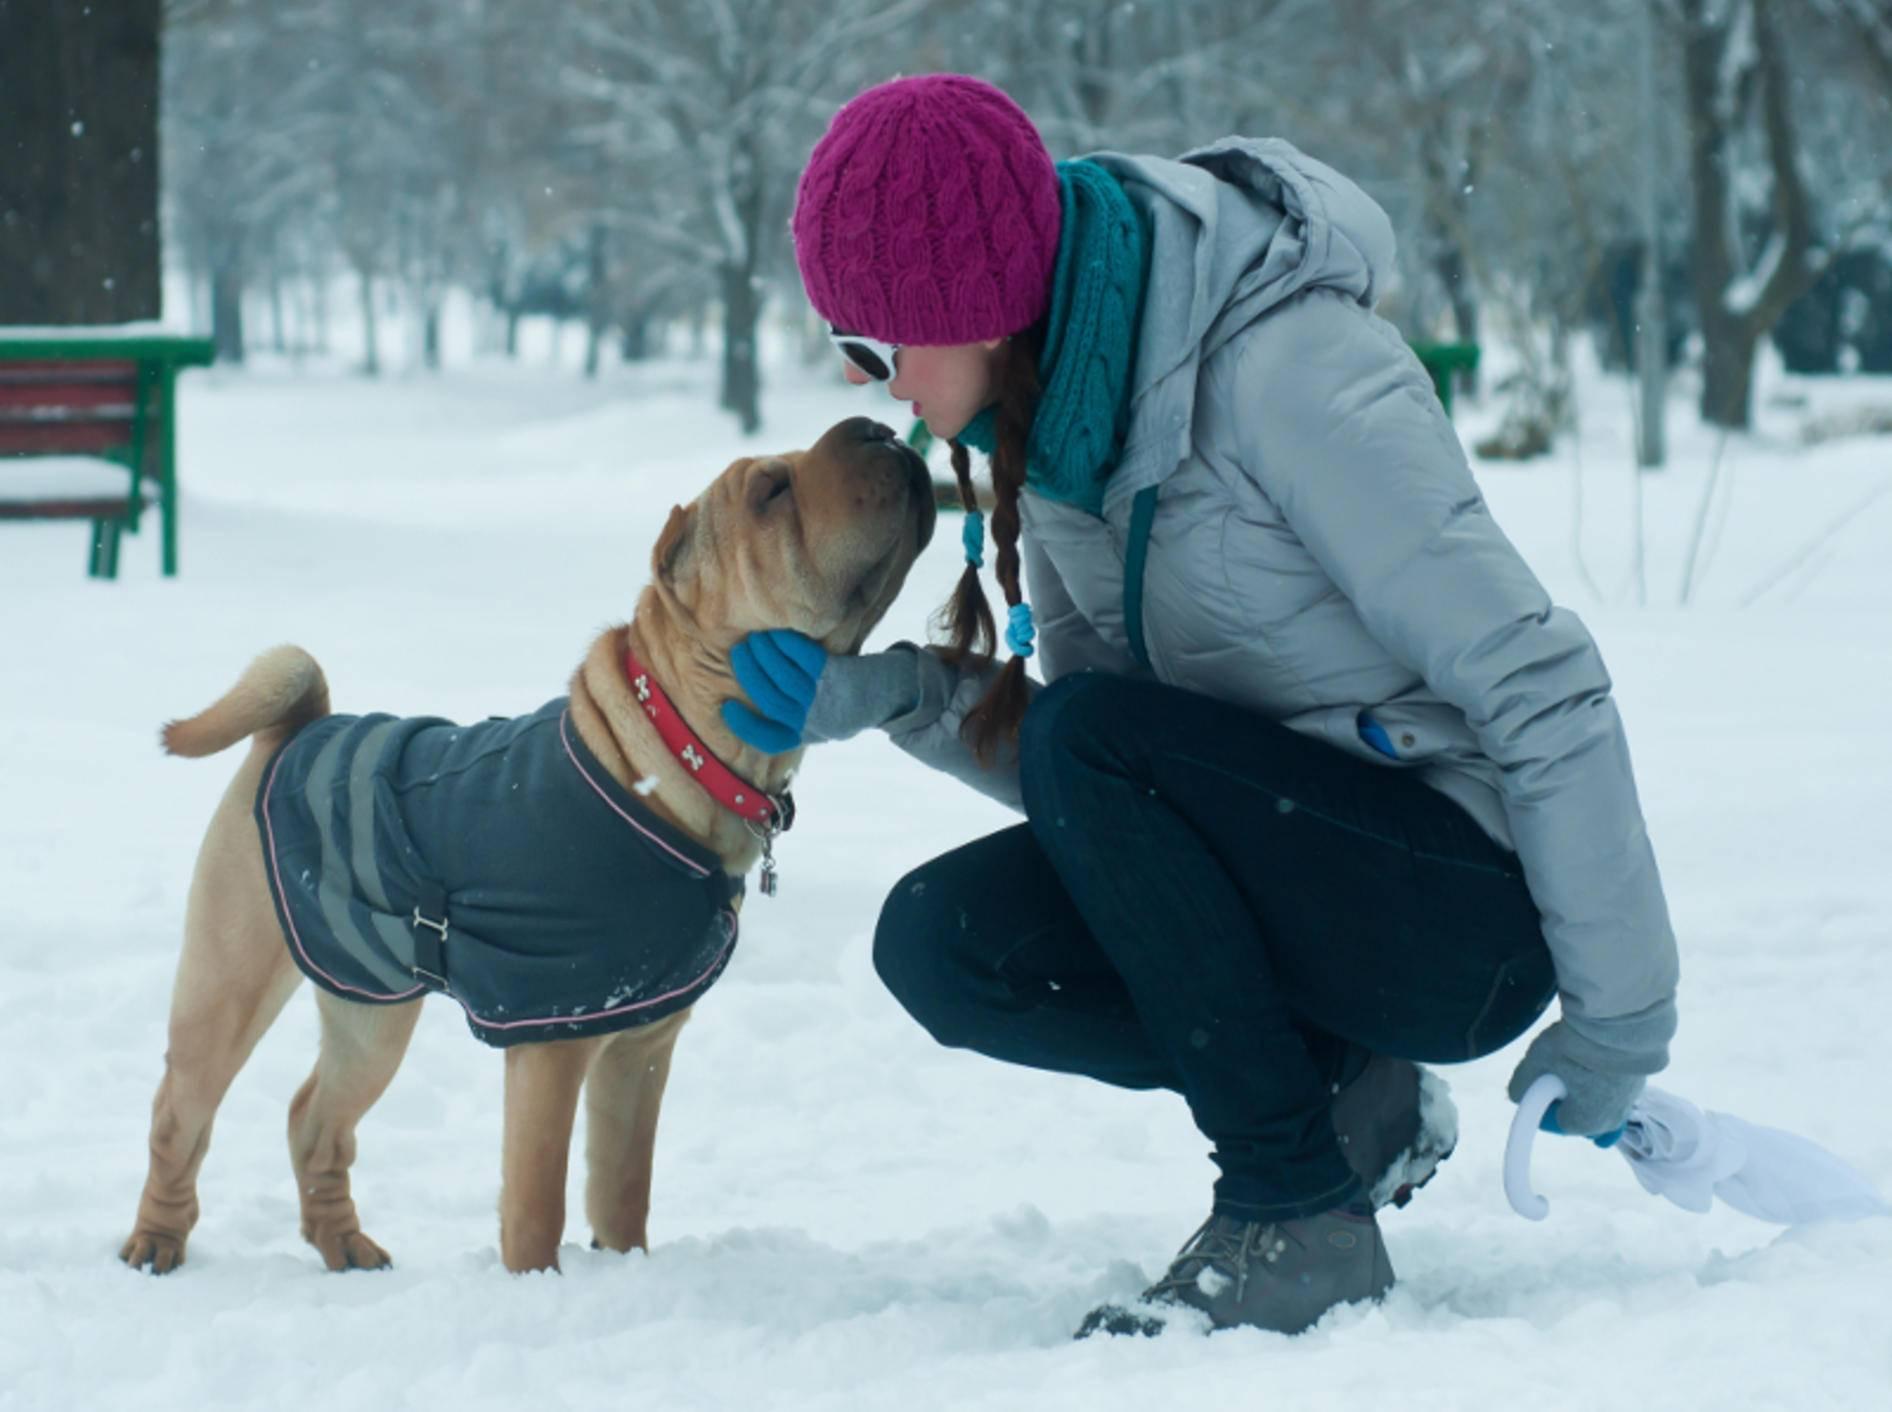 Für einige Hunde ist winterliche Hundekleidung bei Kälte sinnvoll – Shutterstock / Toshe Ognjanov